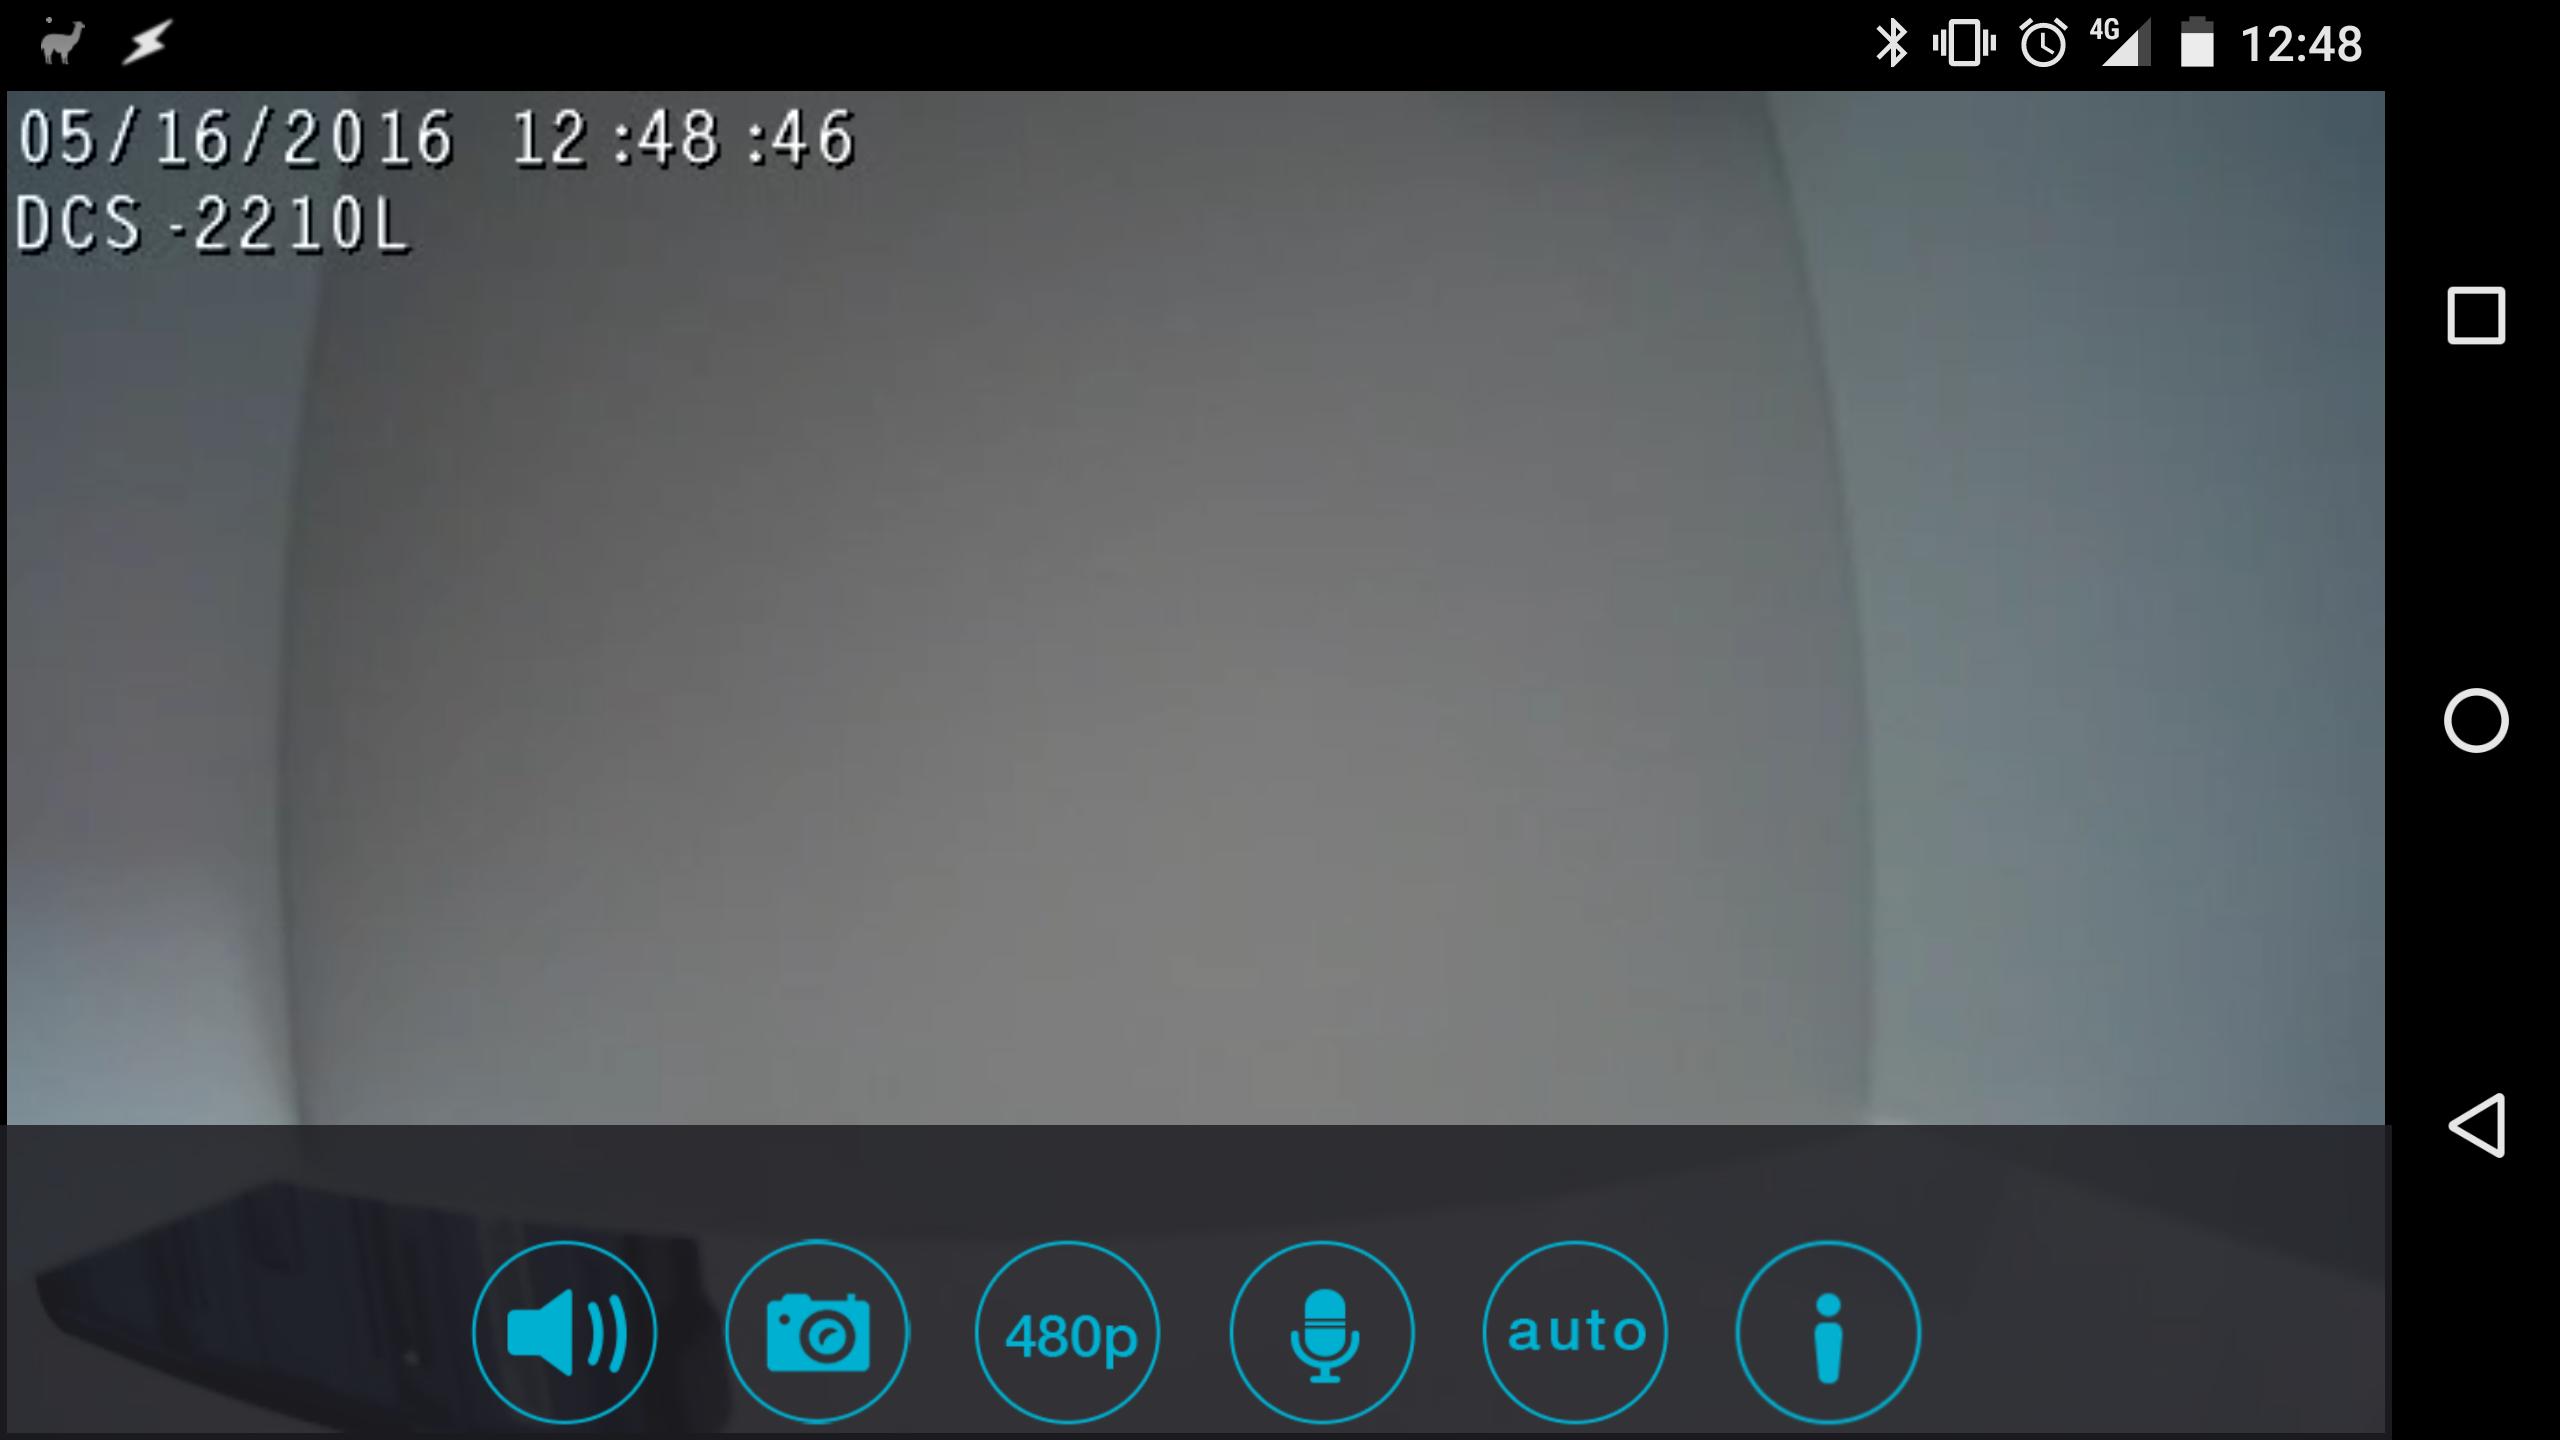 DCS-2210L-App